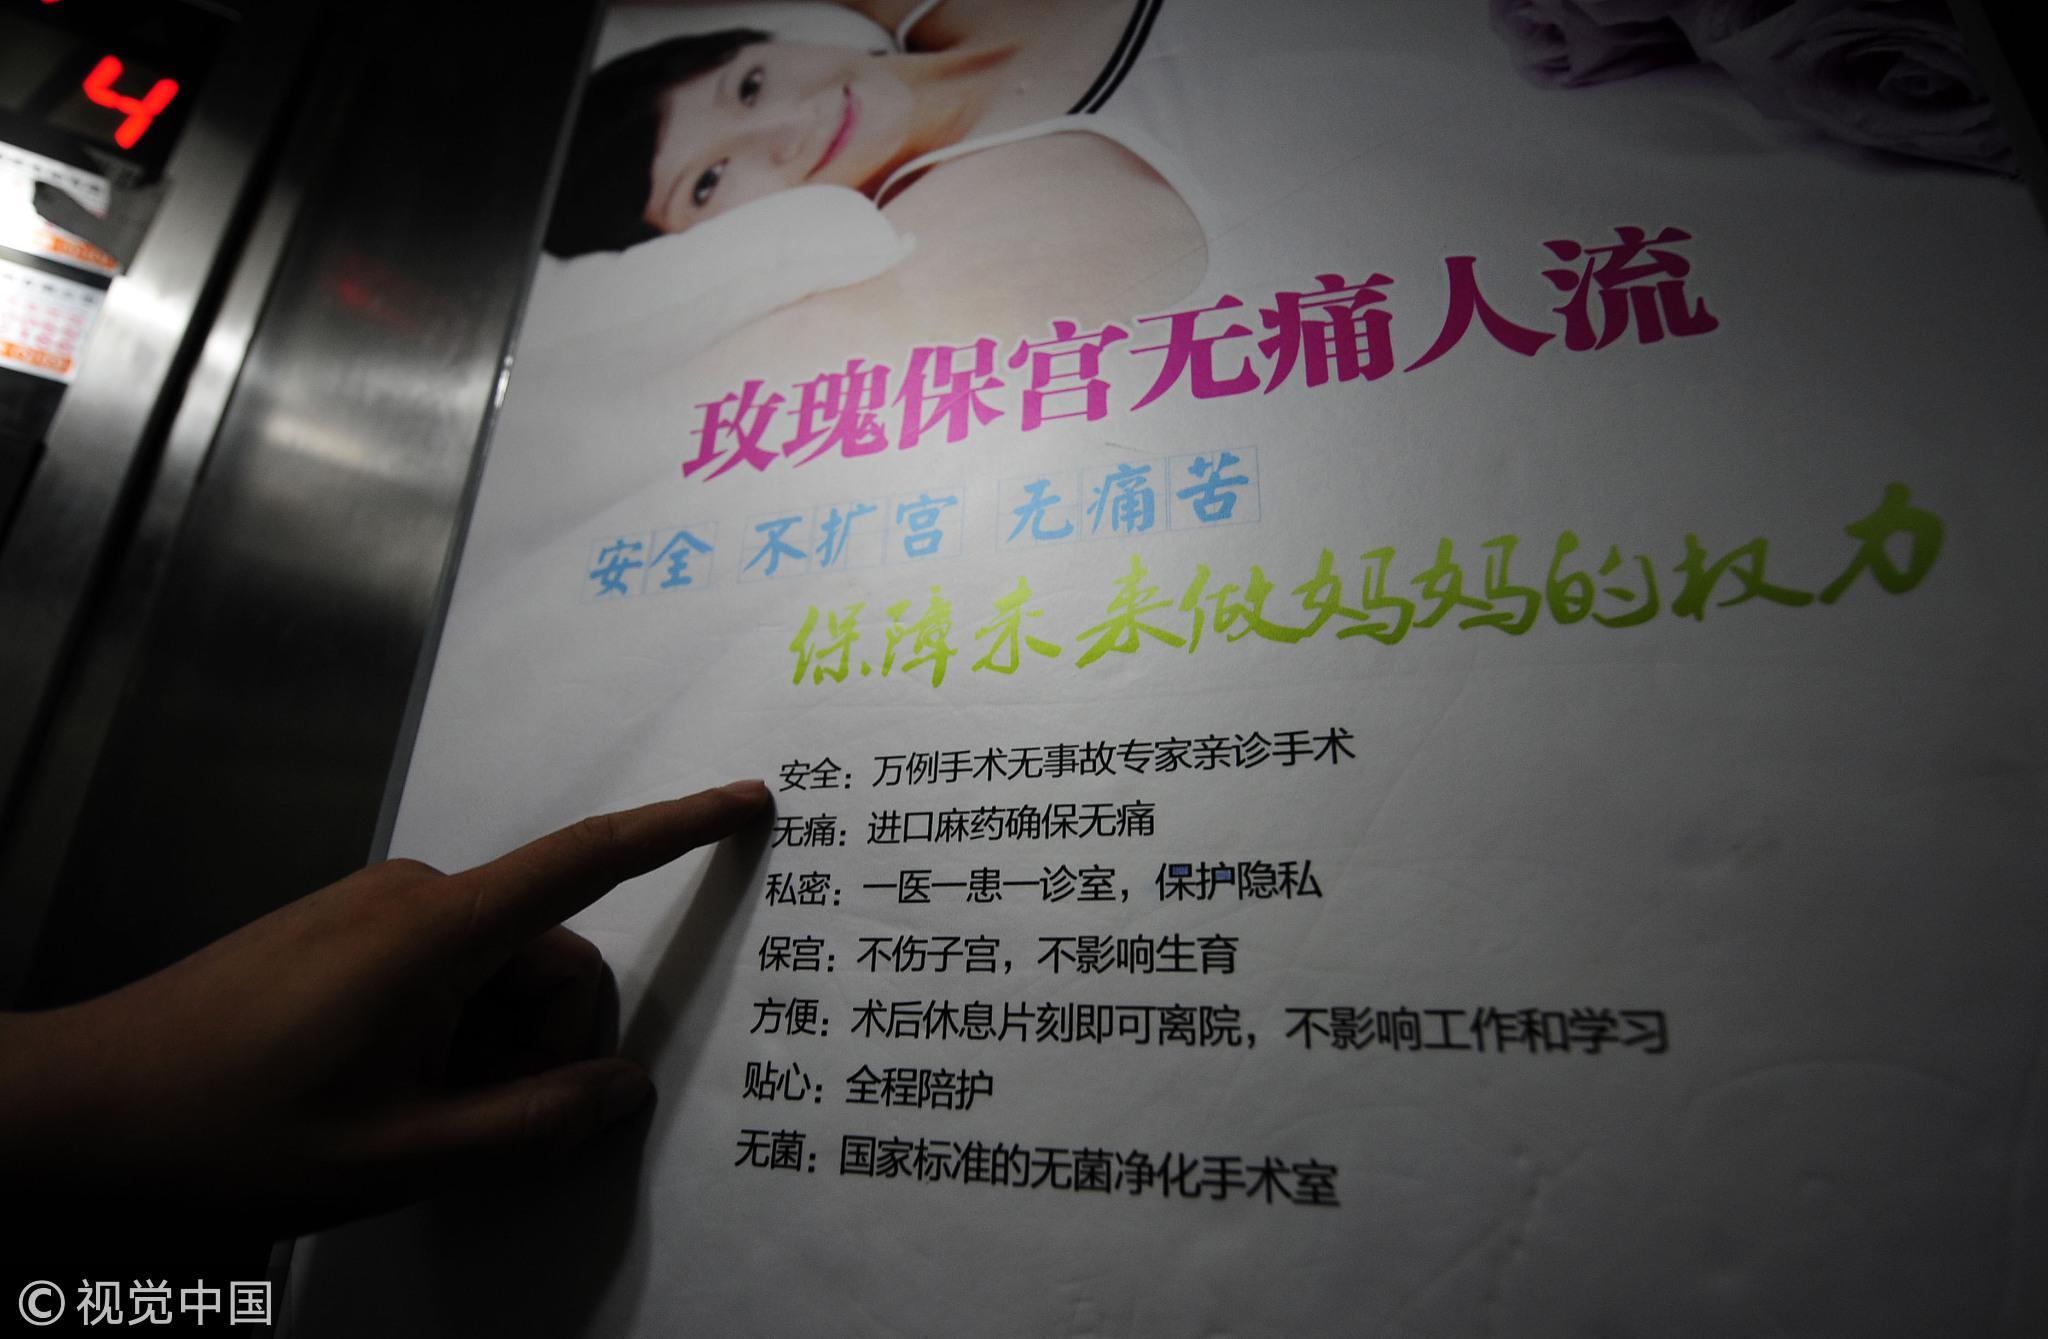 重庆李女士2011年4月份在华西某妇科医院(名字带妇科男科字样的均为莆田系)做人流手术后又检查出怀孕三个月,该院广告上第一条就是万列手术无事故/视觉中国